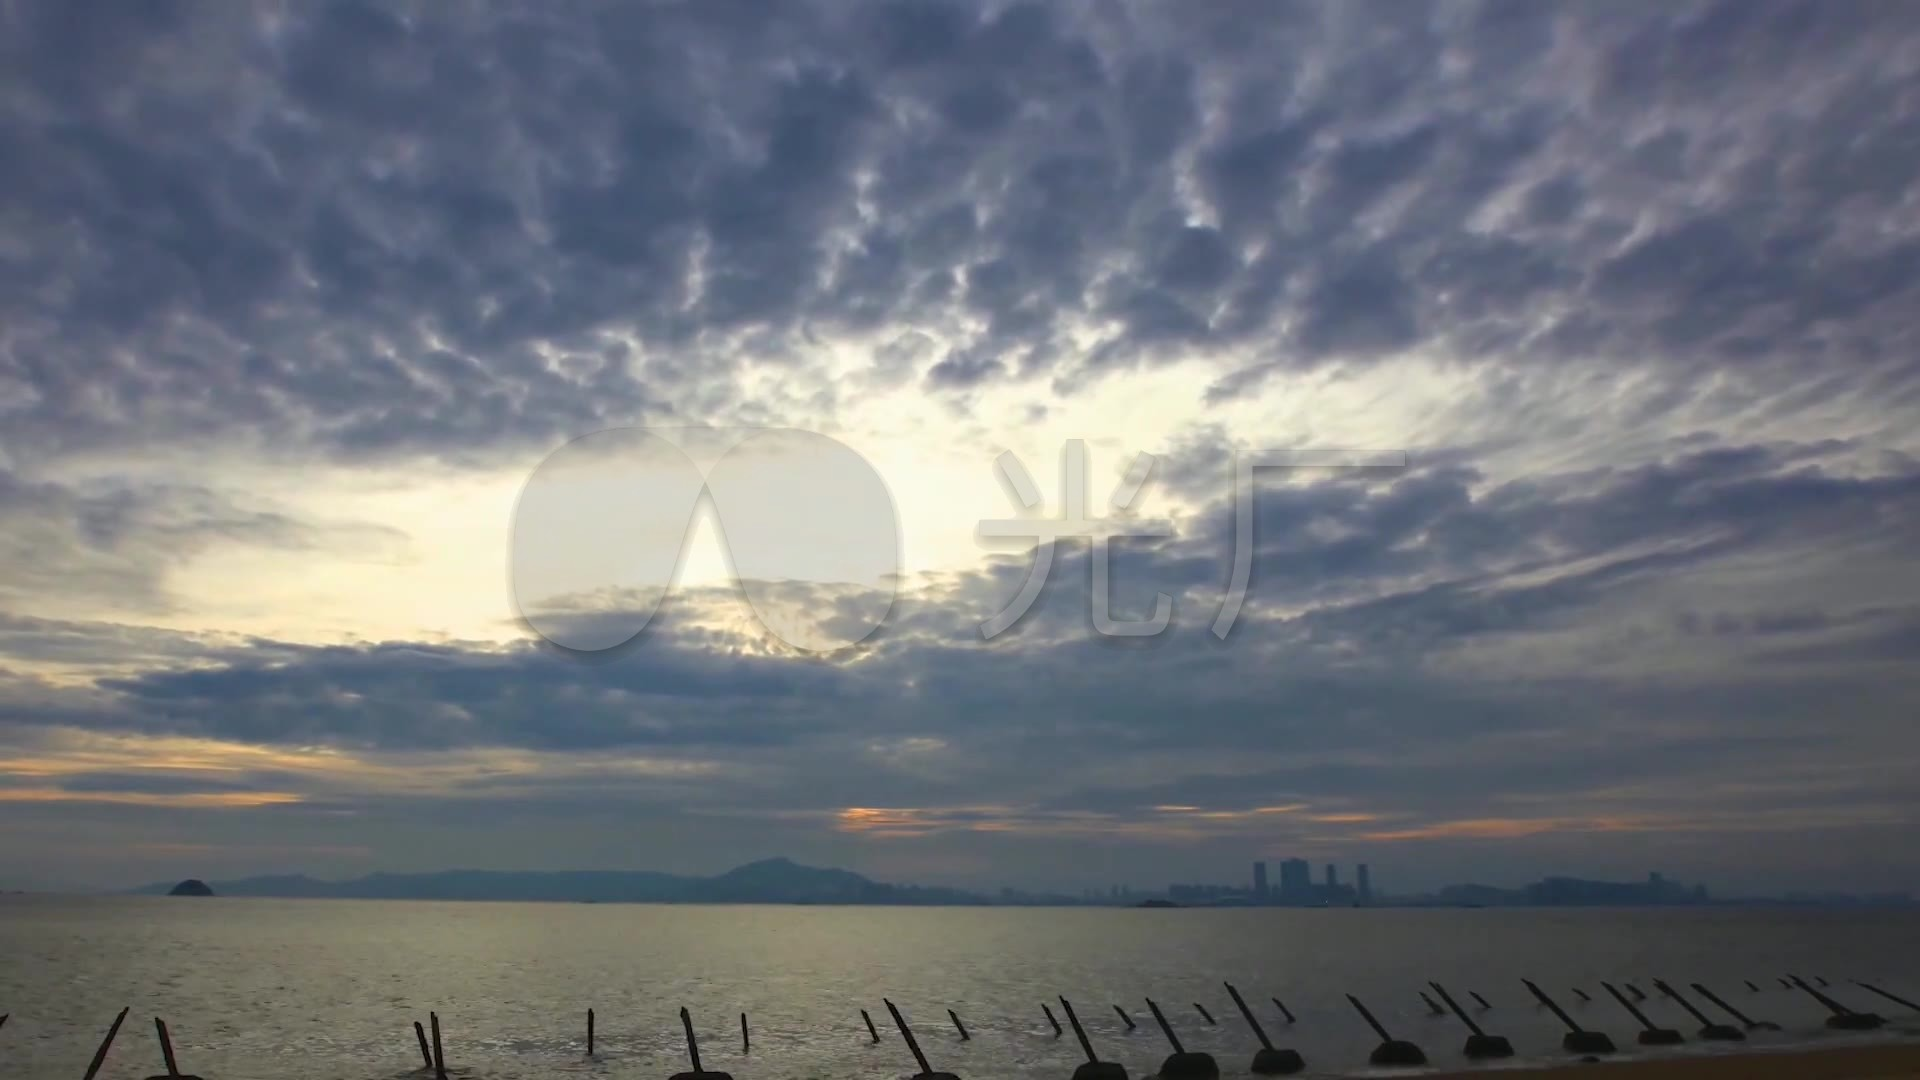 福建厦门旅游度假厦门海滨沙滩海边城市黄昏_黑马视频过林图片